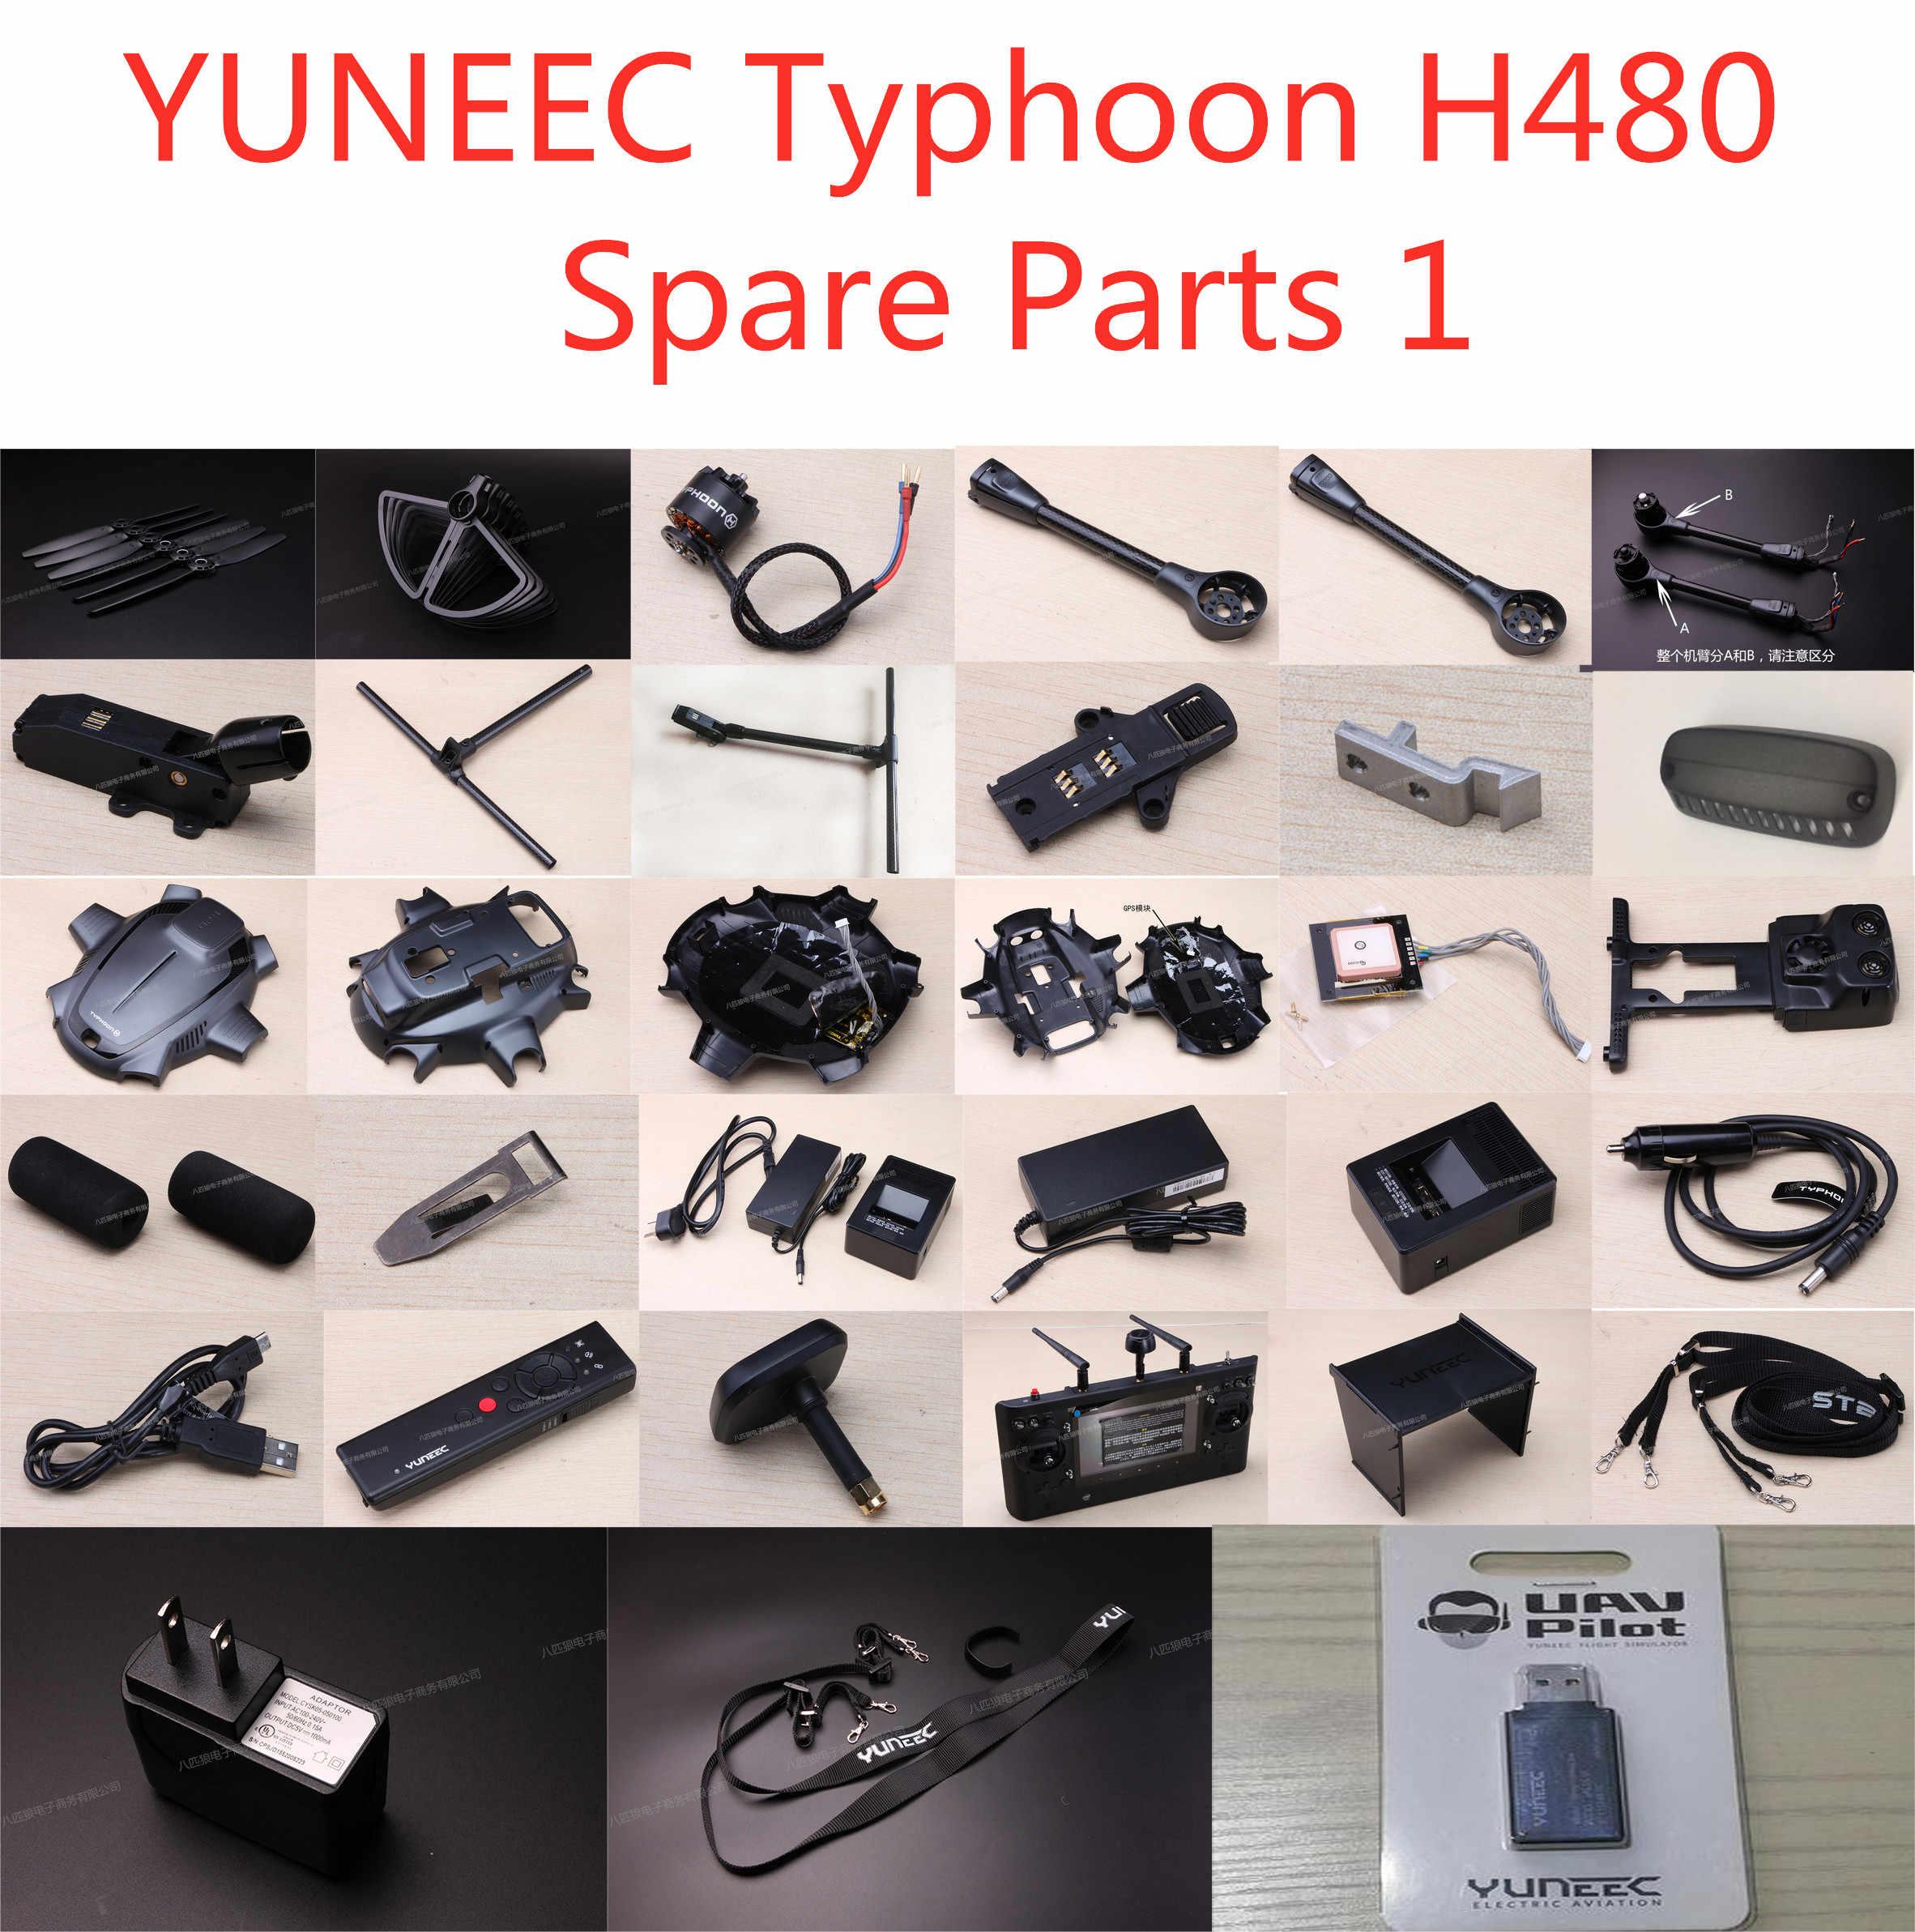 YUNEEC Typhoon H480 FPV Drone recambios de cuadrirrotor RC motor aspas trípode tren de aterrizaje soporte cuerpo carcasa módulo GPS Conjunto 1